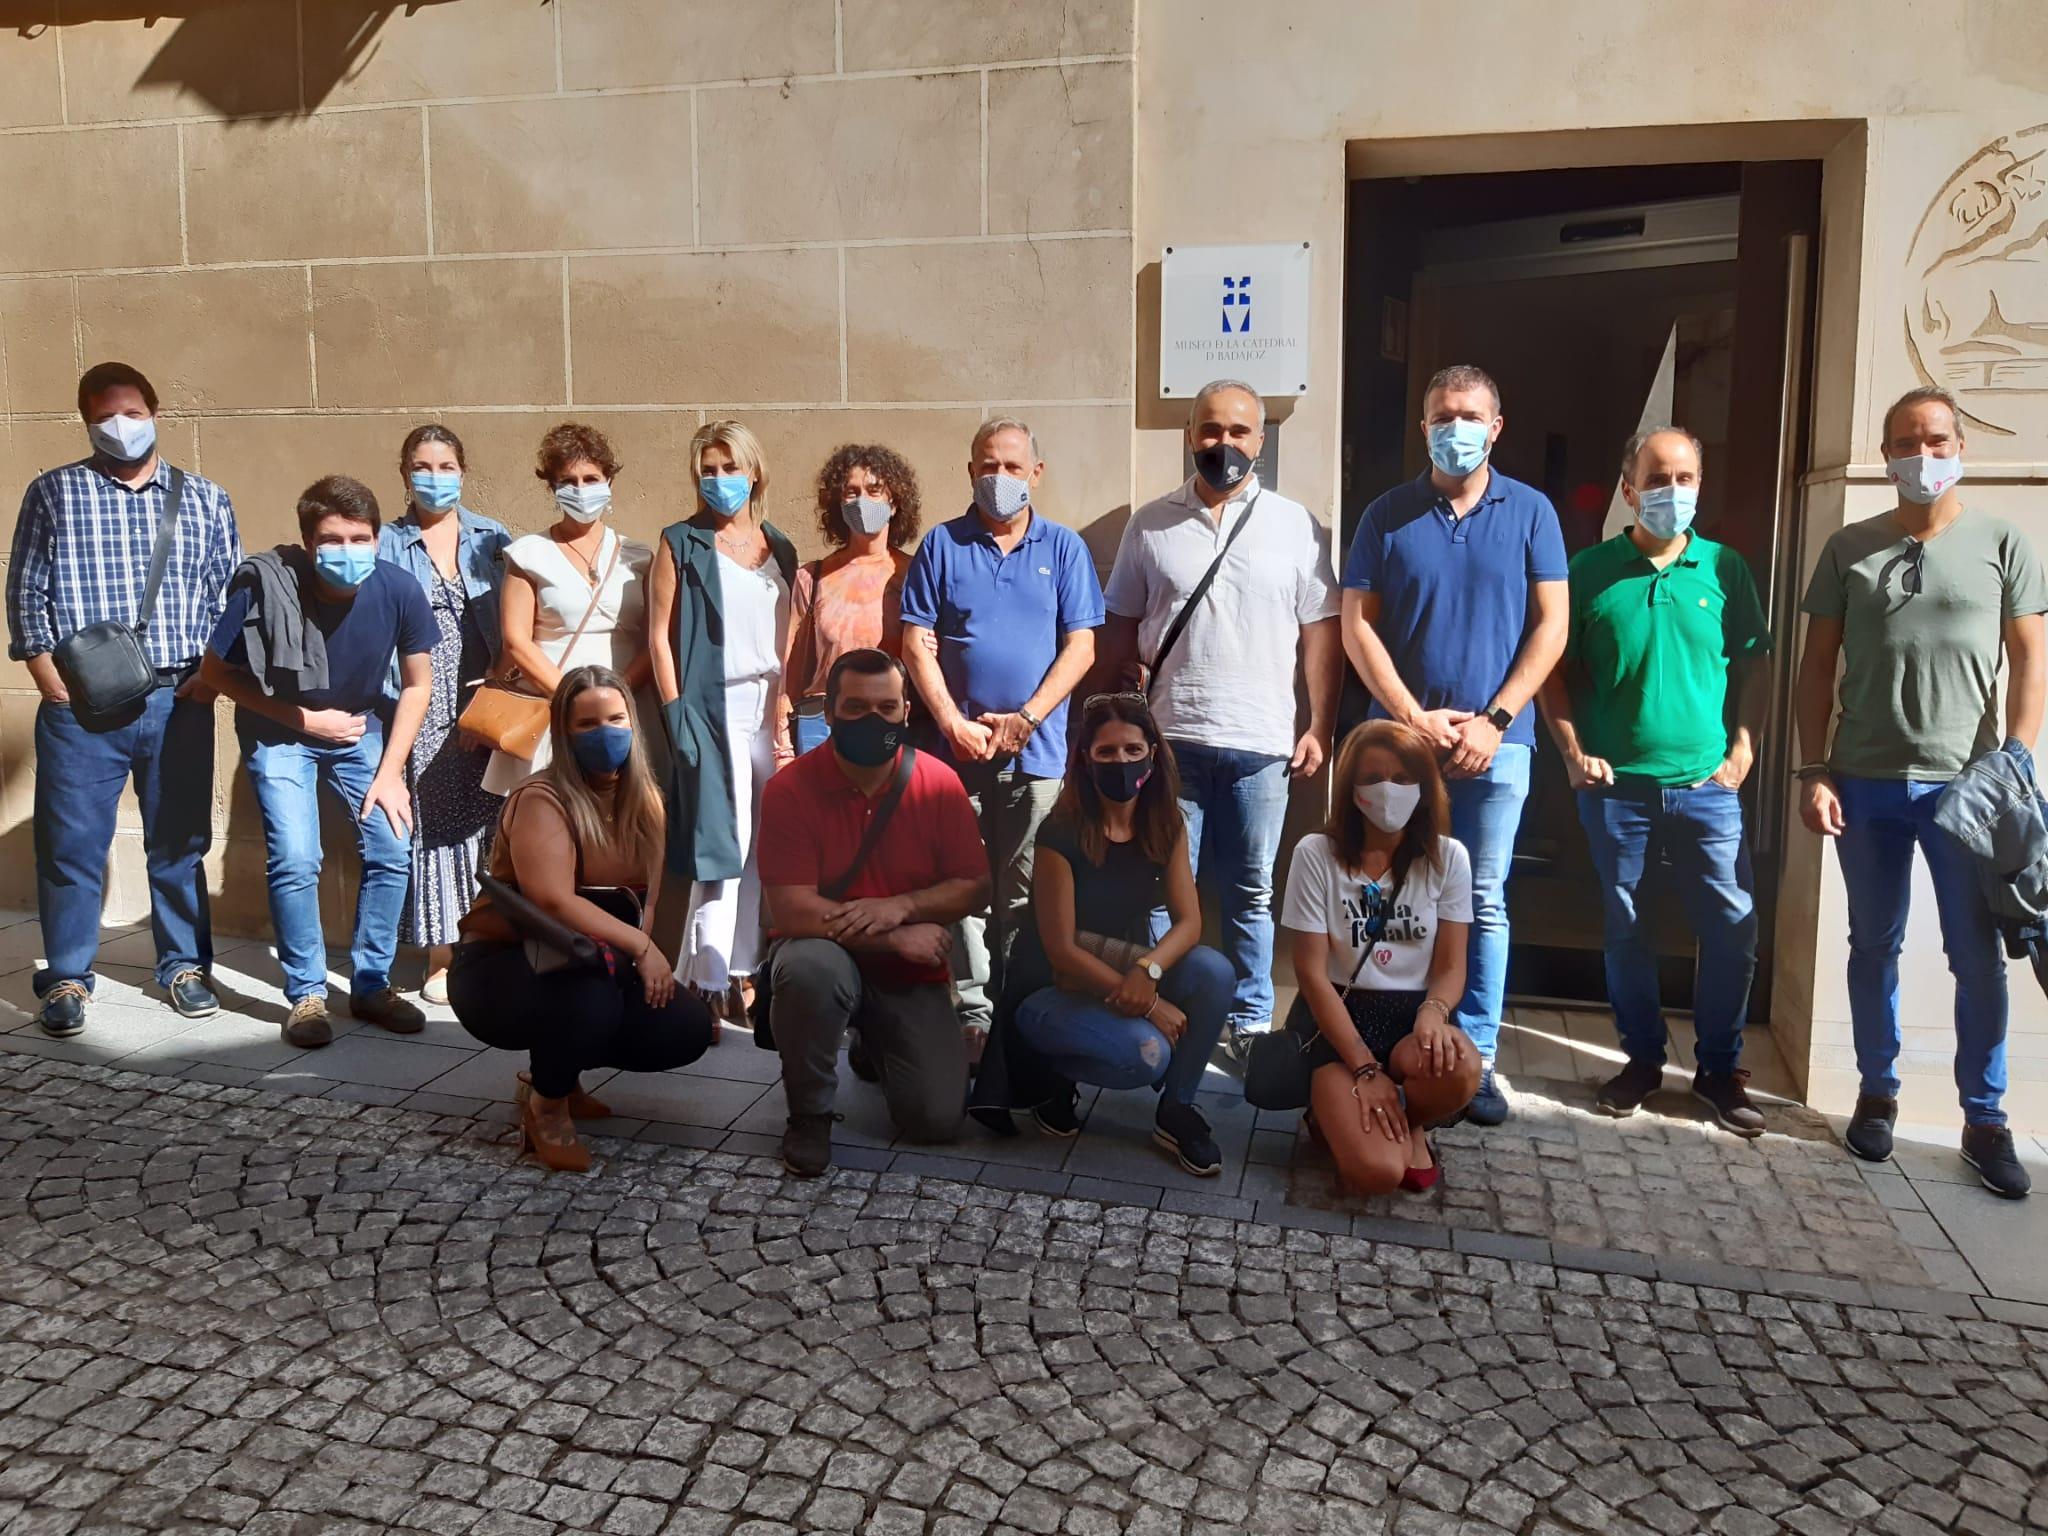 Visita de la Asociación Bni Fuerza Badajoz al Museo de la Catedral de Badajoz